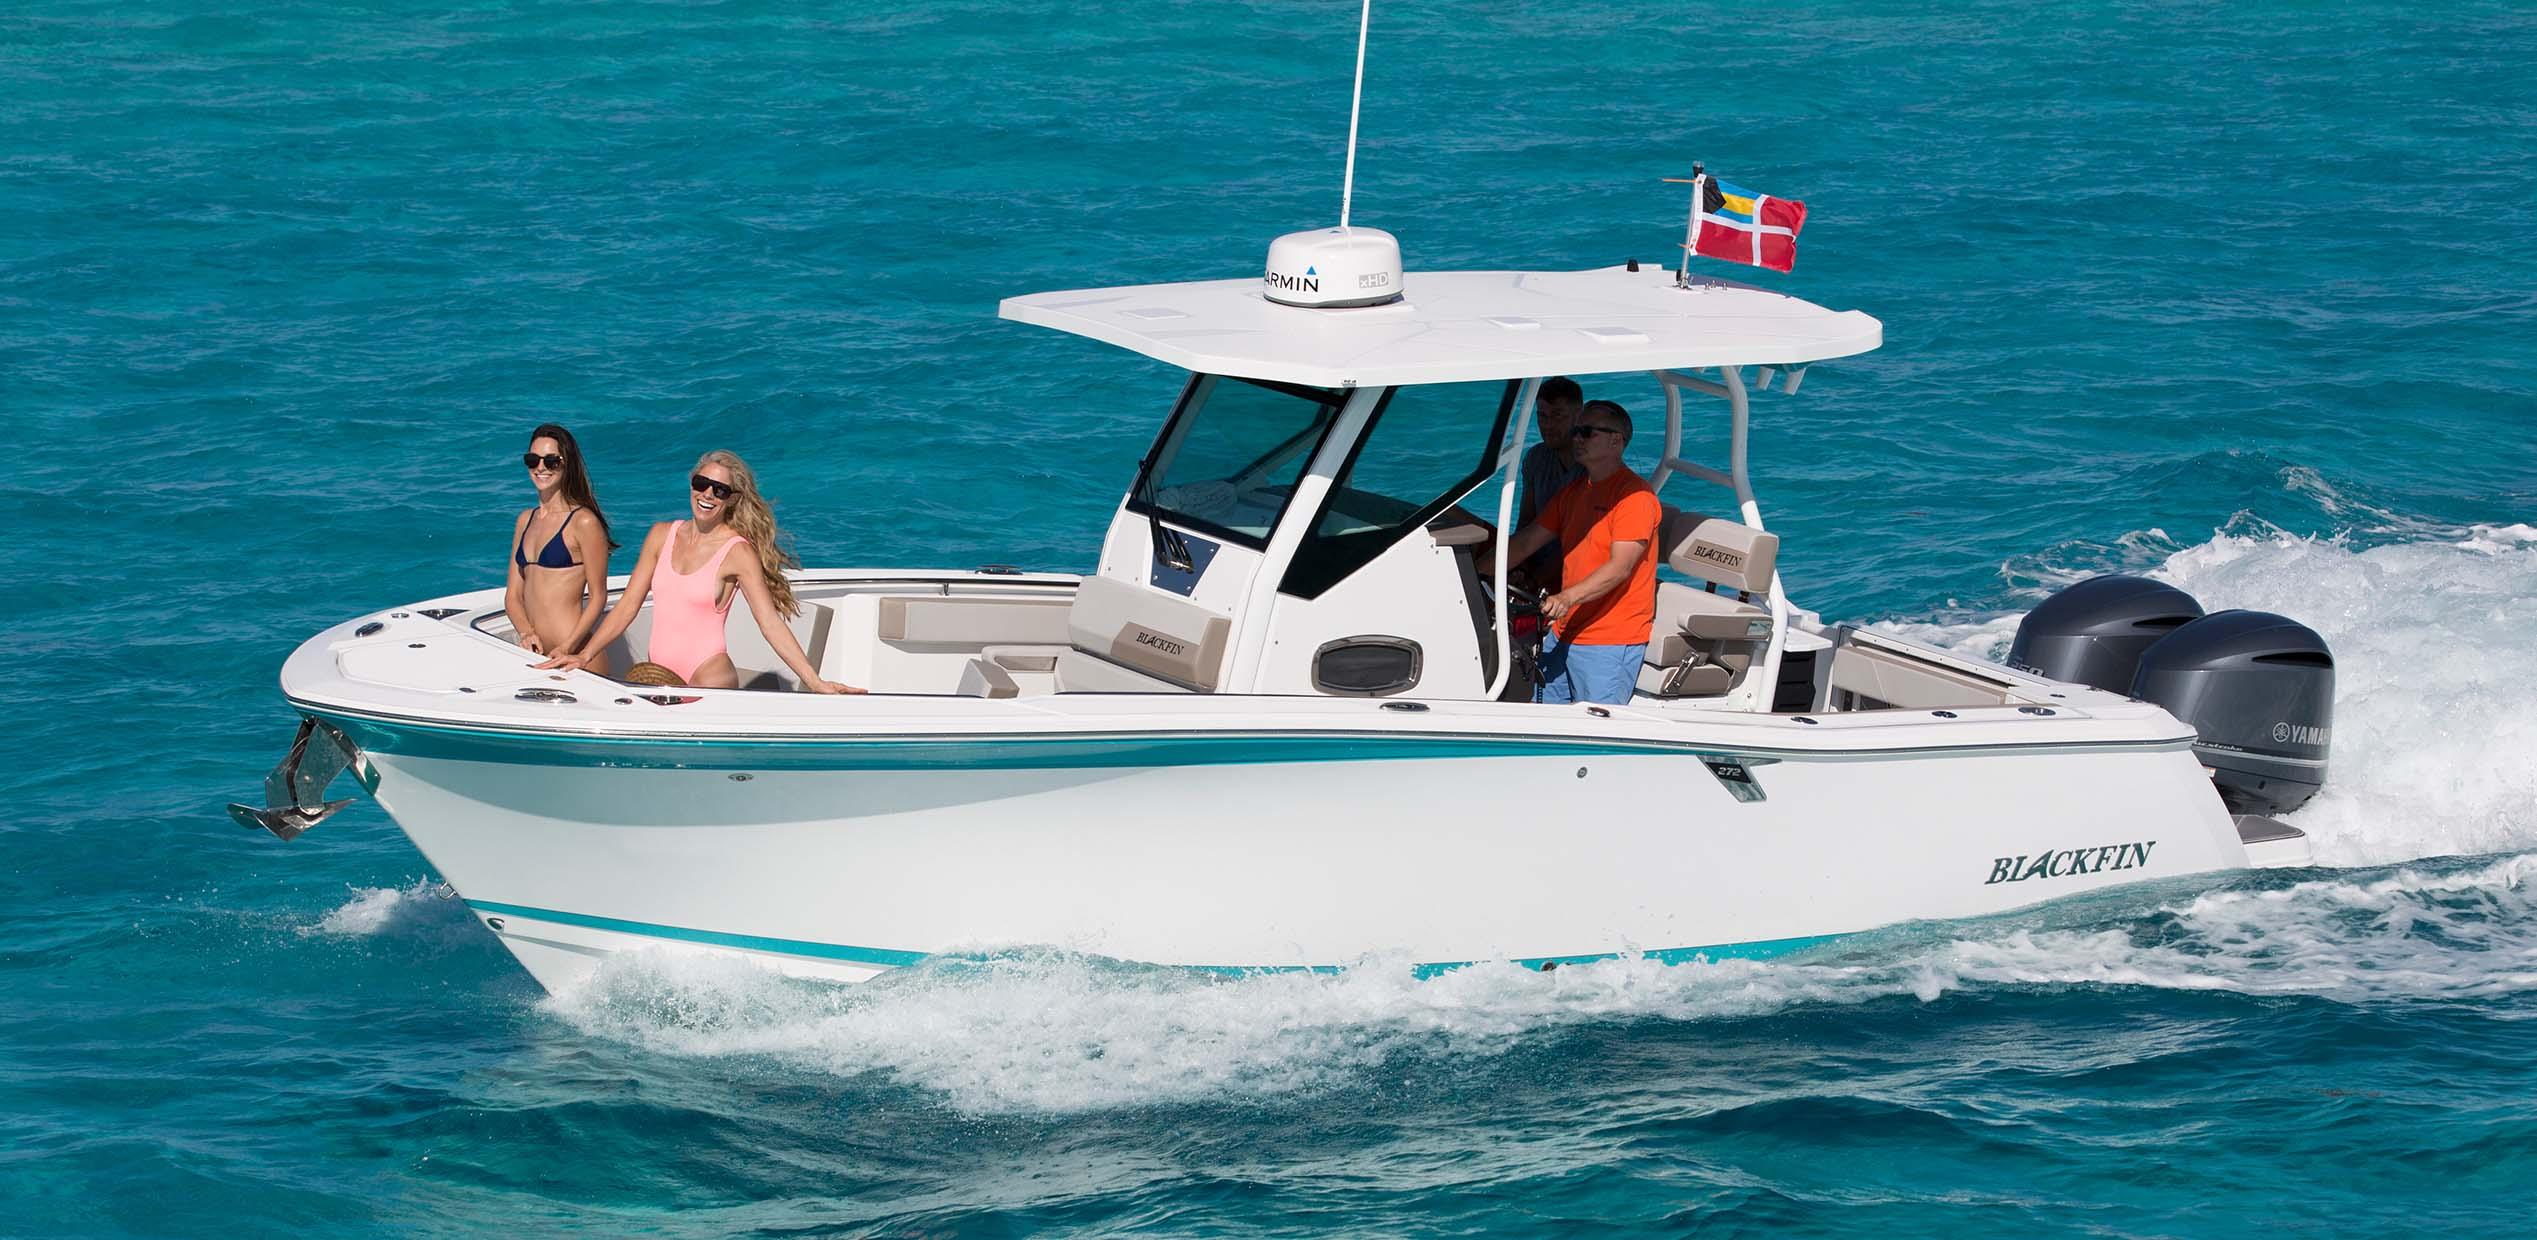 Blackfin-Boats-Florida